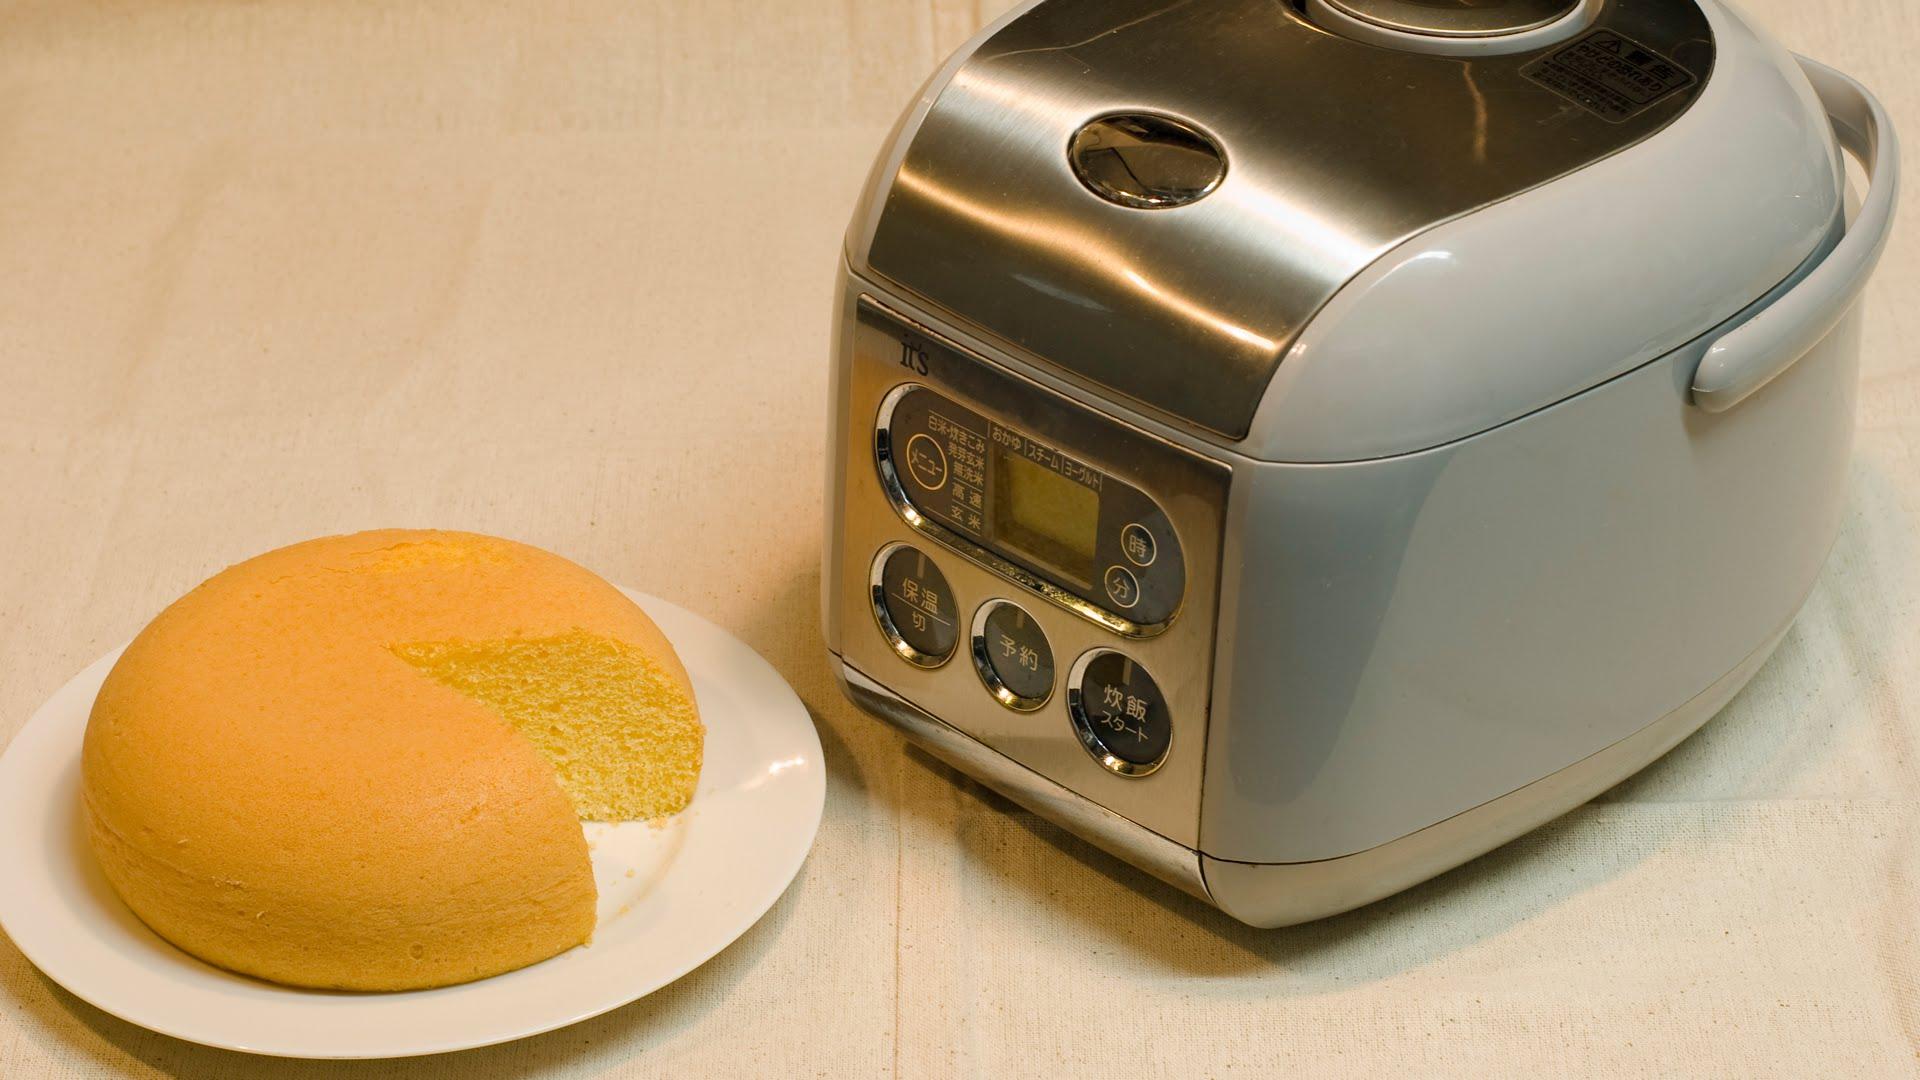 炊飯器×ホットケーキミックス=簡単おもてなしケーキレシピ5選♡のサムネイル画像